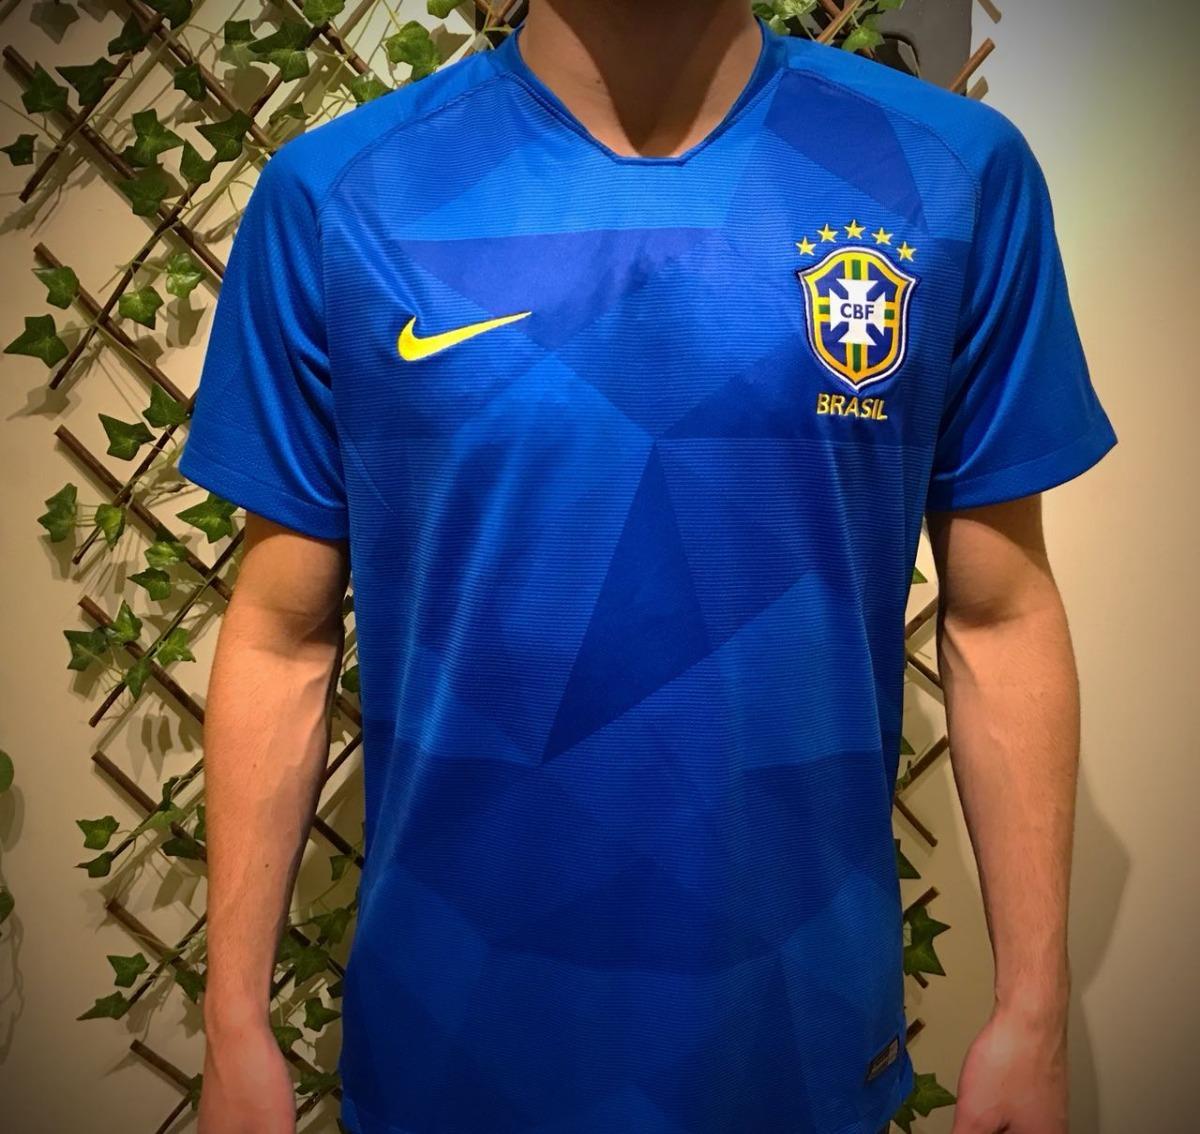 novo segundo uniforme seleção brasileira brasil mundial 2018. Carregando  zoom. 6be0d613c709b